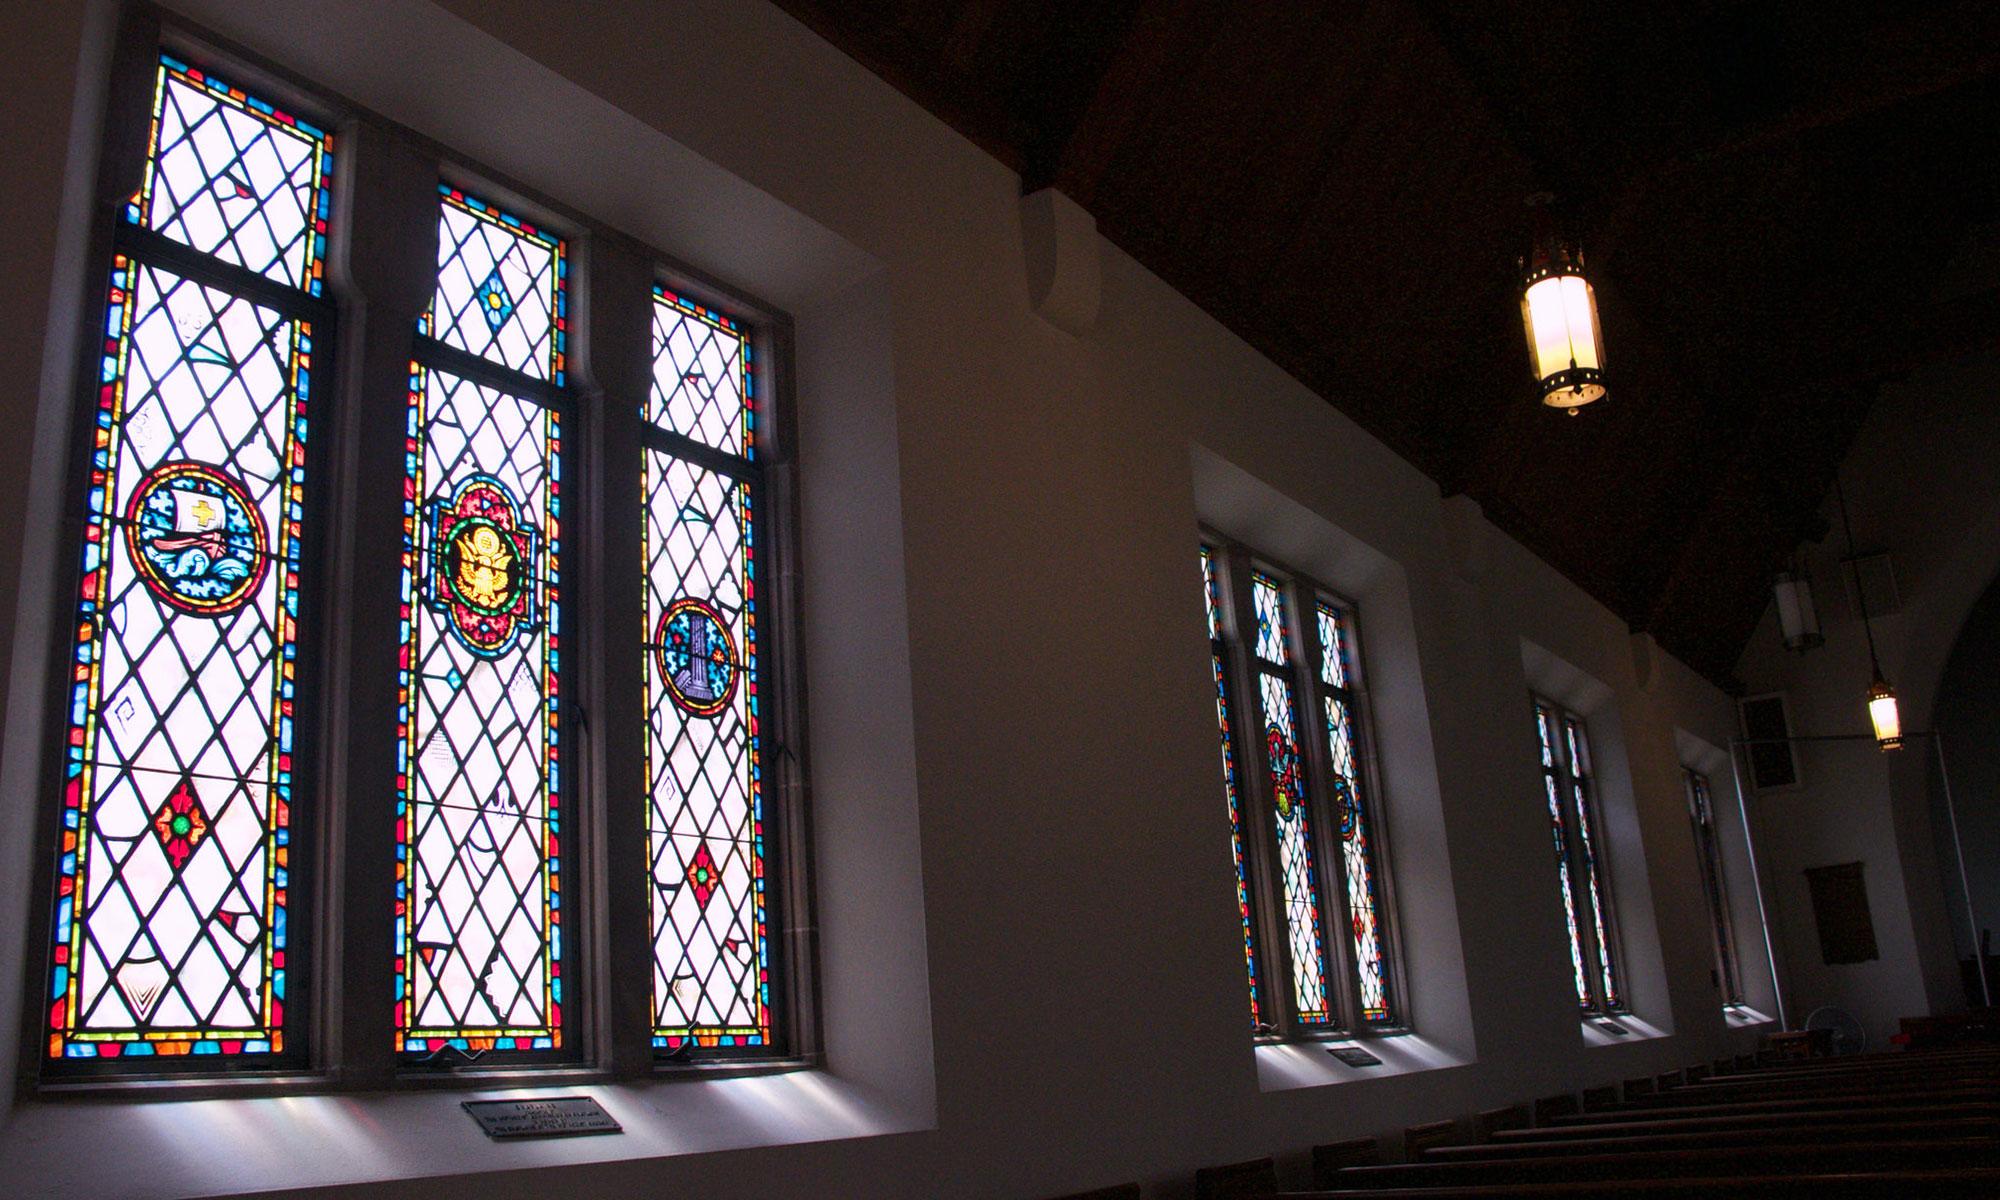 The windows in Memorial Chapel at Lake Junaluska